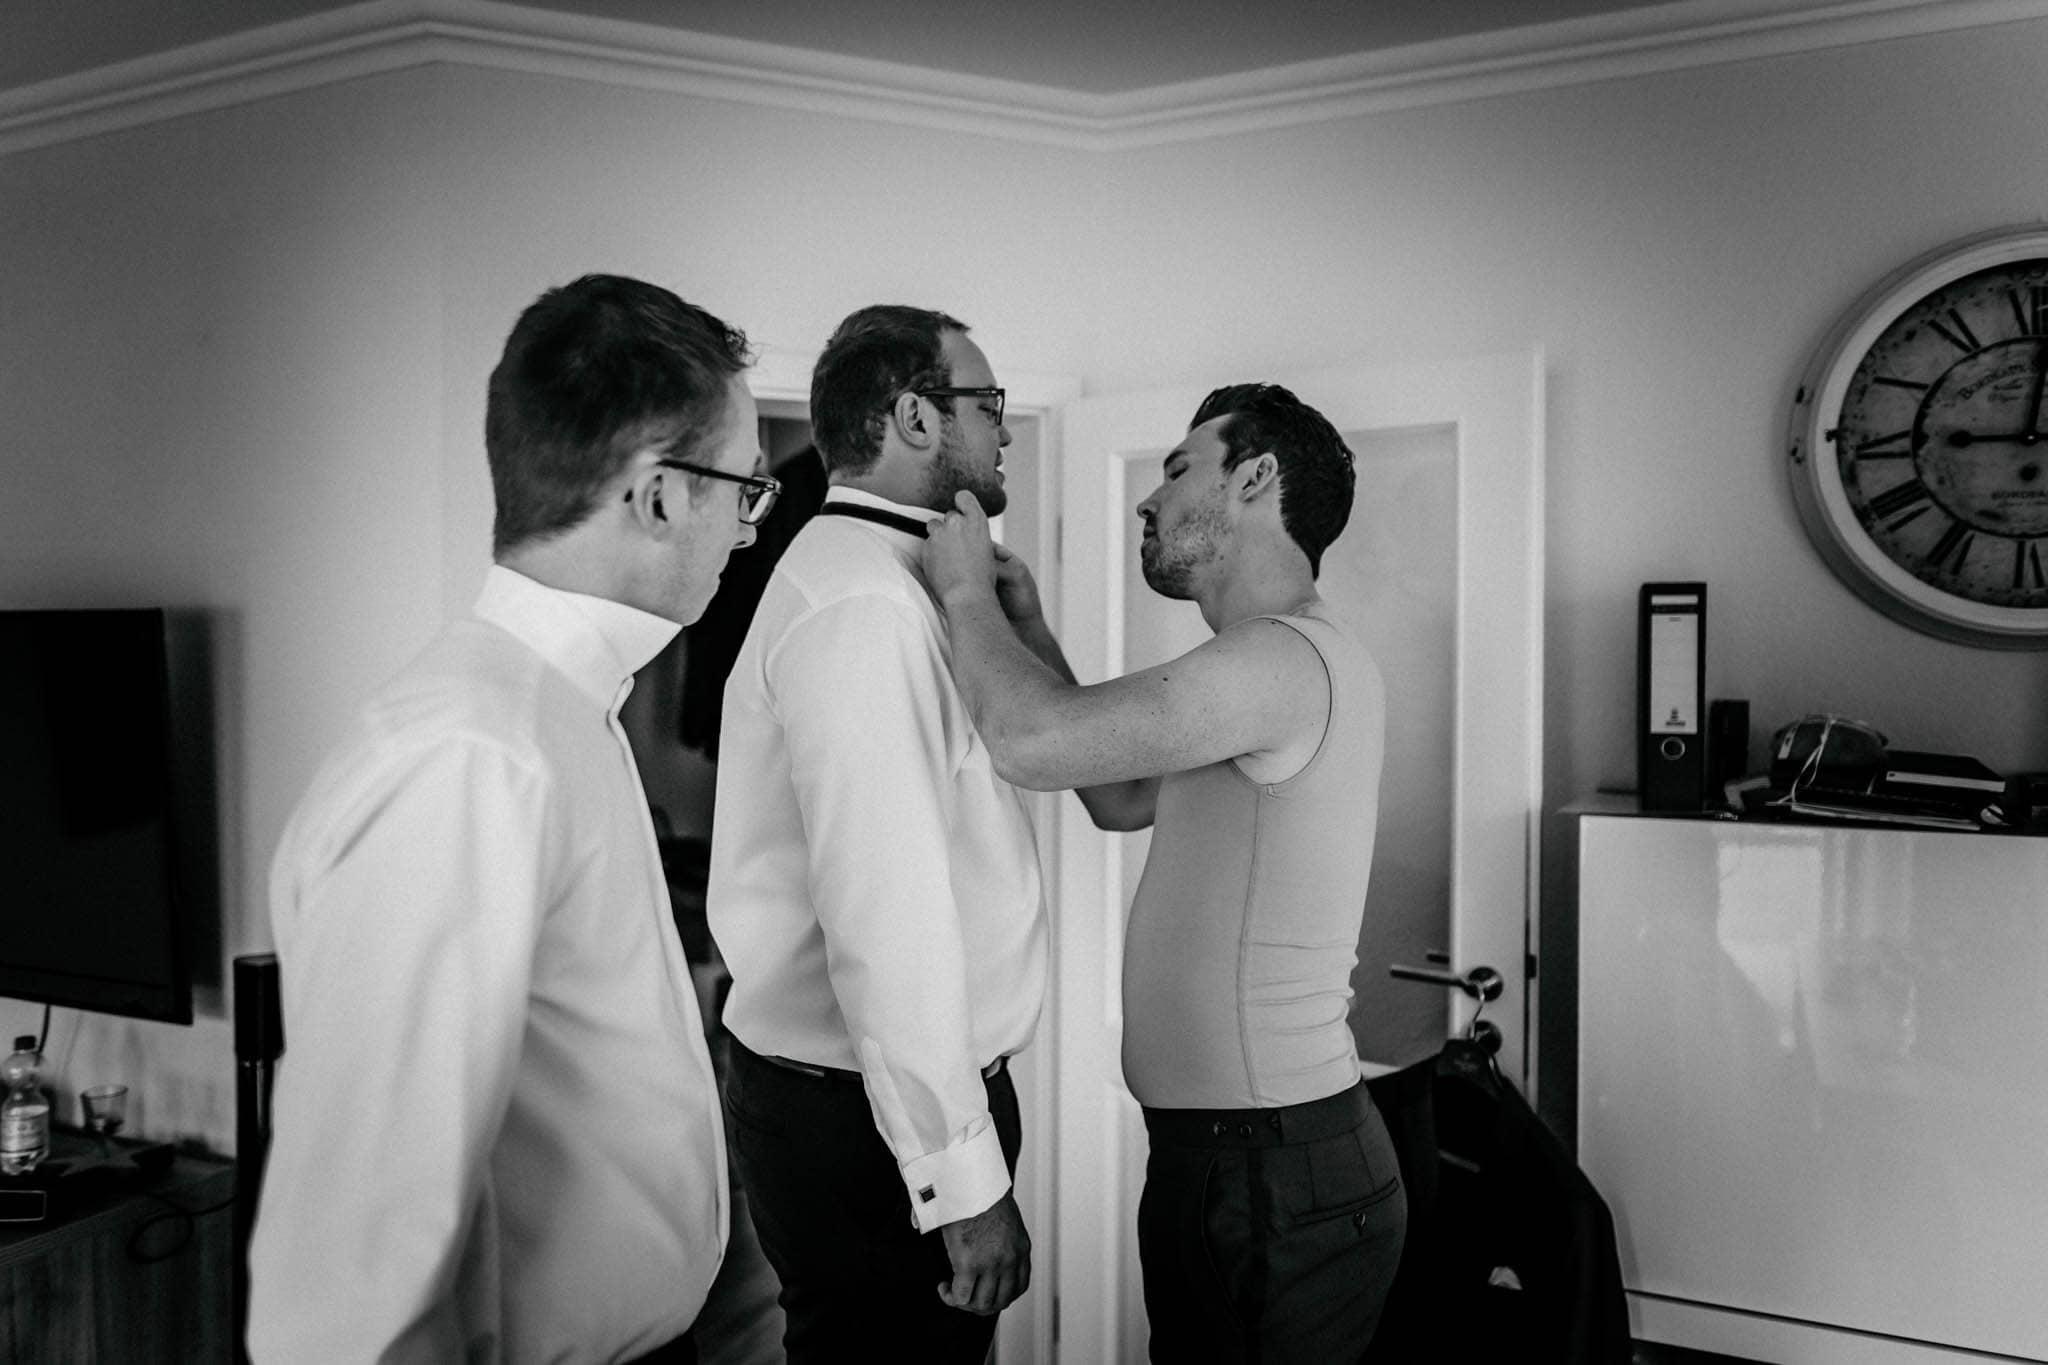 Hochzeitsfieber by Photo-Schomburg, Hochzeitsfotograf, Hamburg, Bremen, Hochzeitstag, Hochzeitspaar, Braut, Bräutigam, Bremen-Kränholm,Knoops Park-5